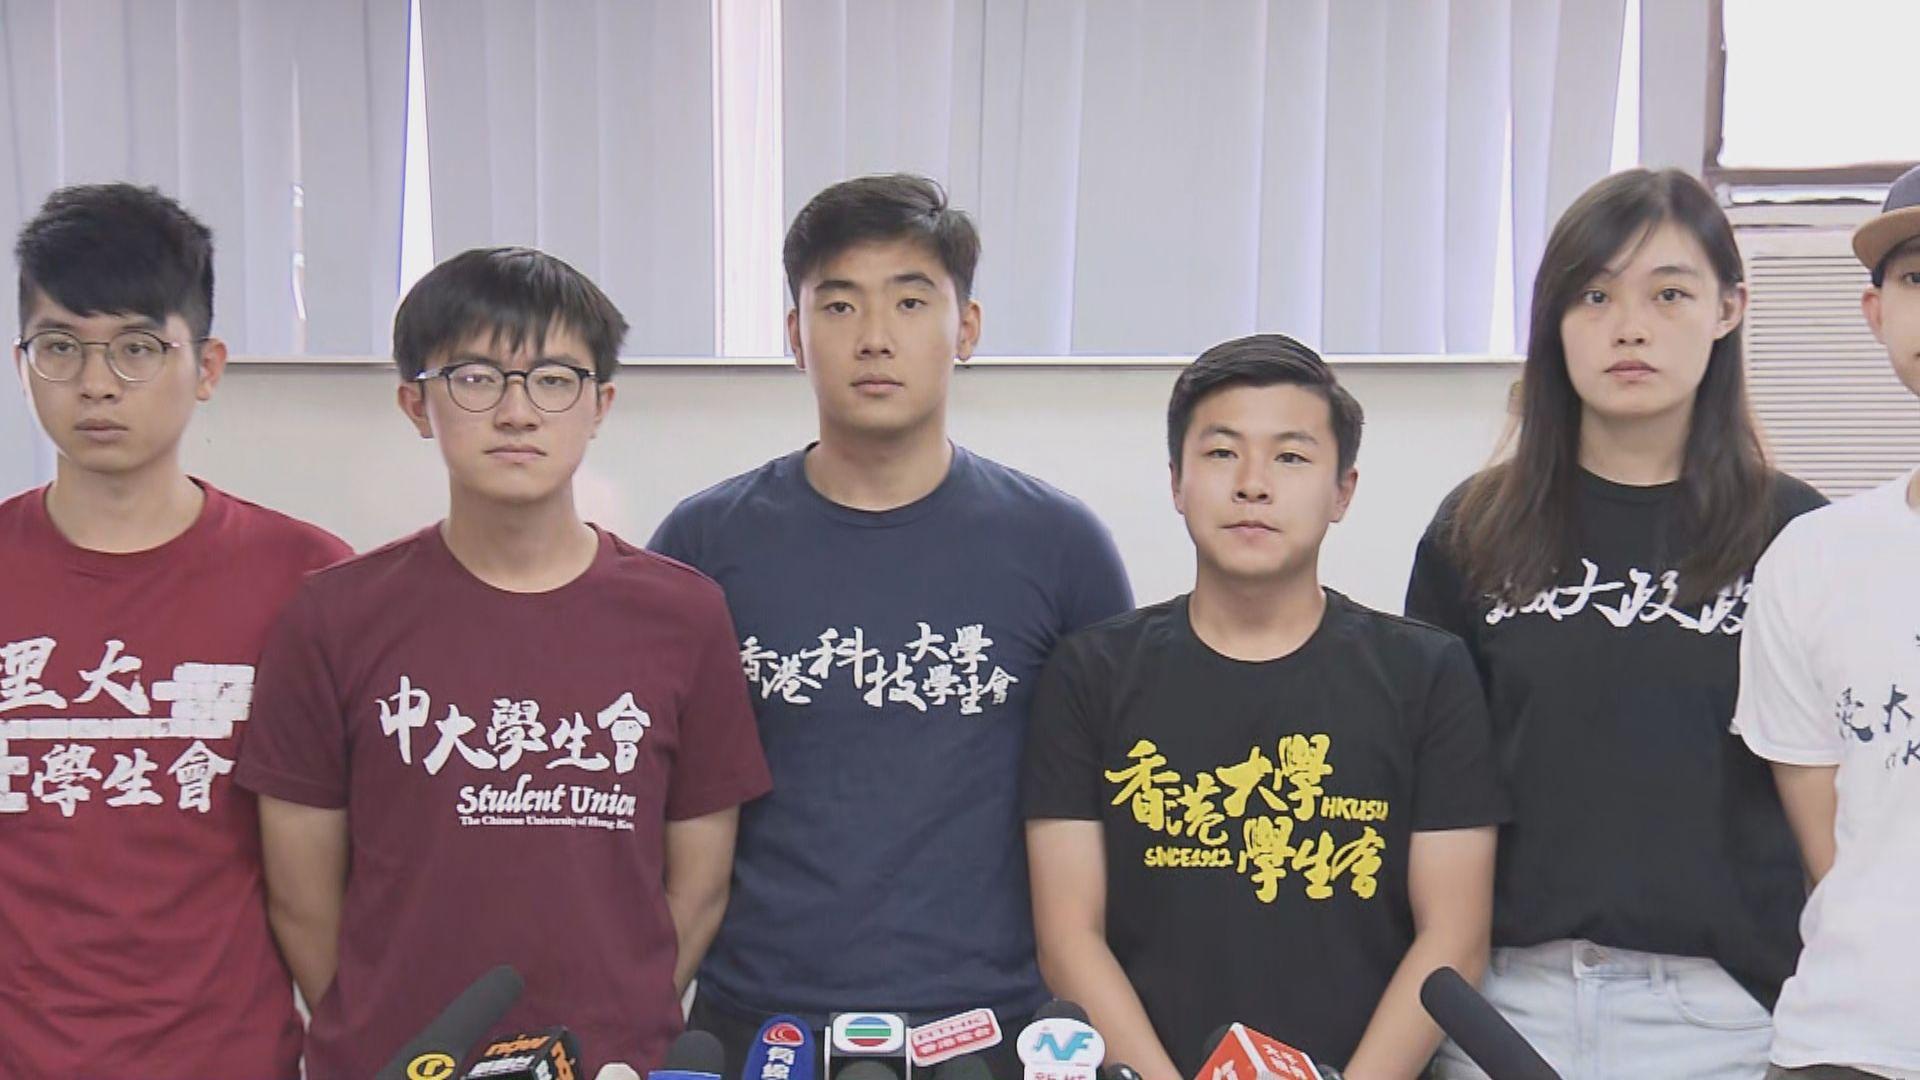 大學學生會要求政府公開見面及不追究示威者